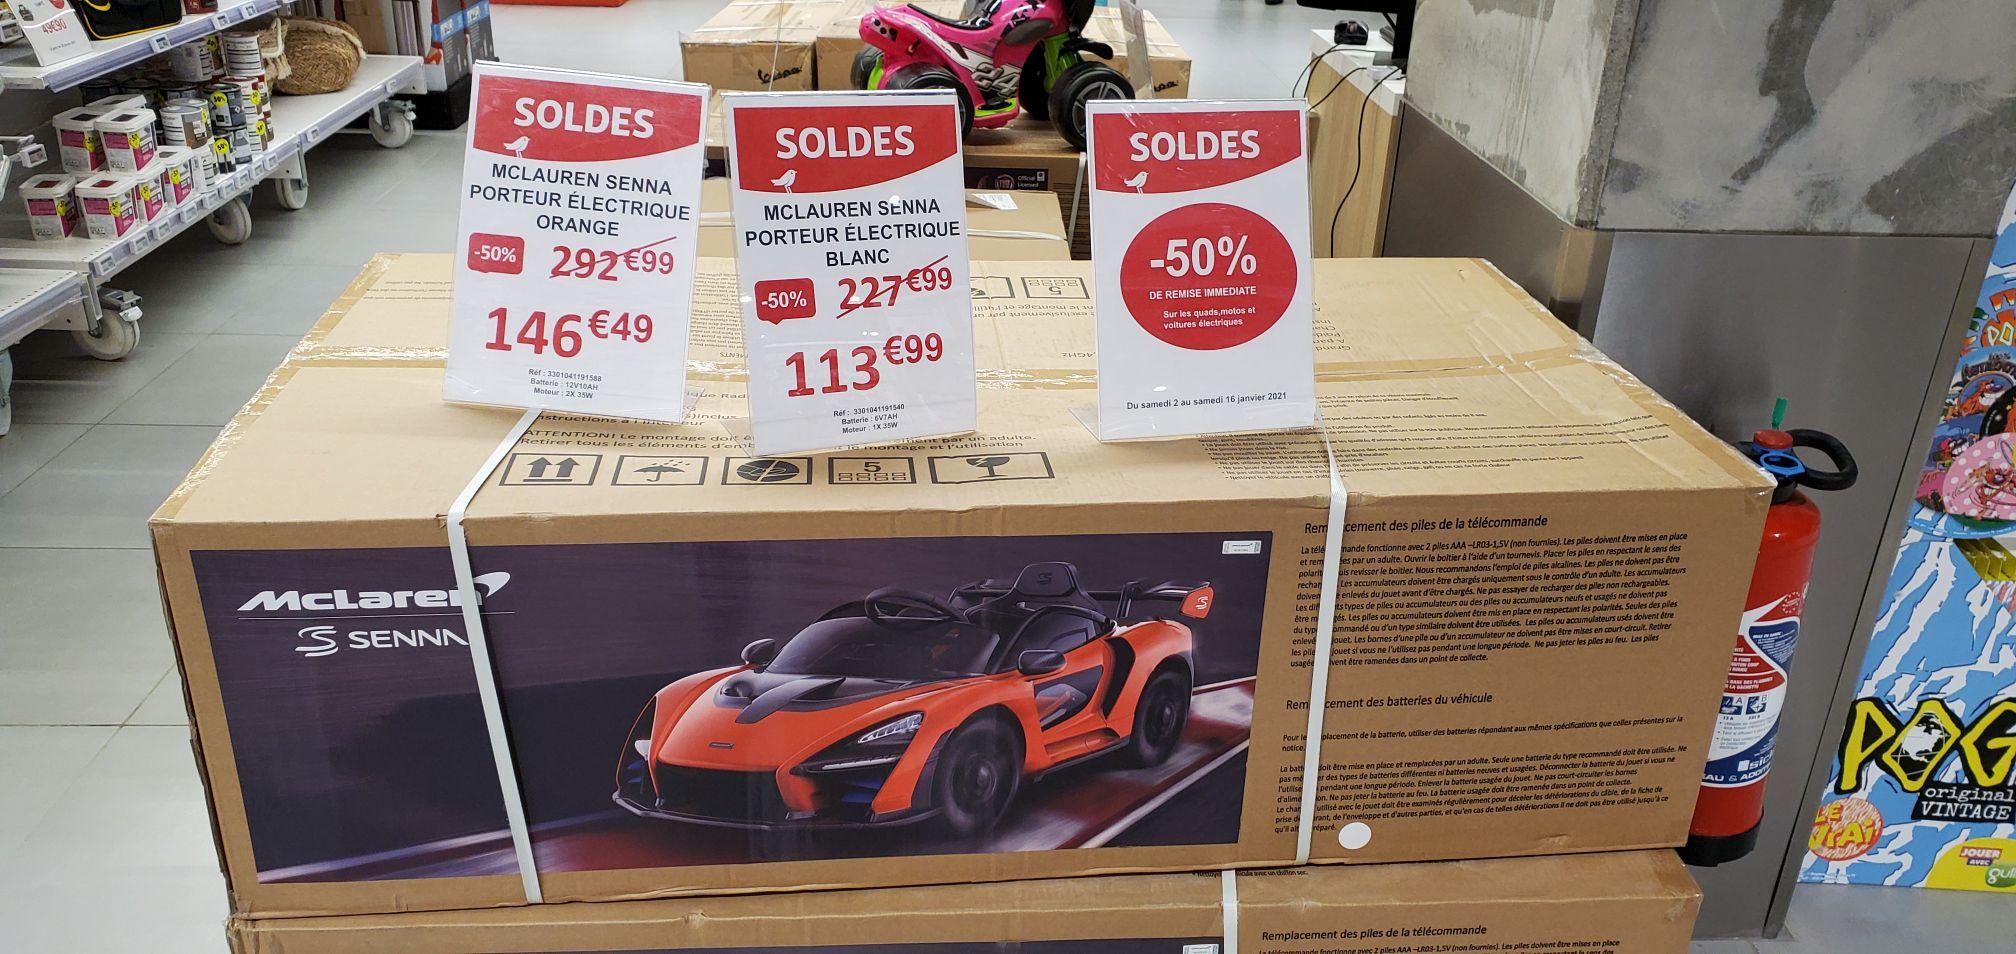 50% de remise sur les quads, motos et voitures électriques (Ex: McLaren Senna porteur électronique) - Cloche d'Or (Frontaliers Luxembourg)